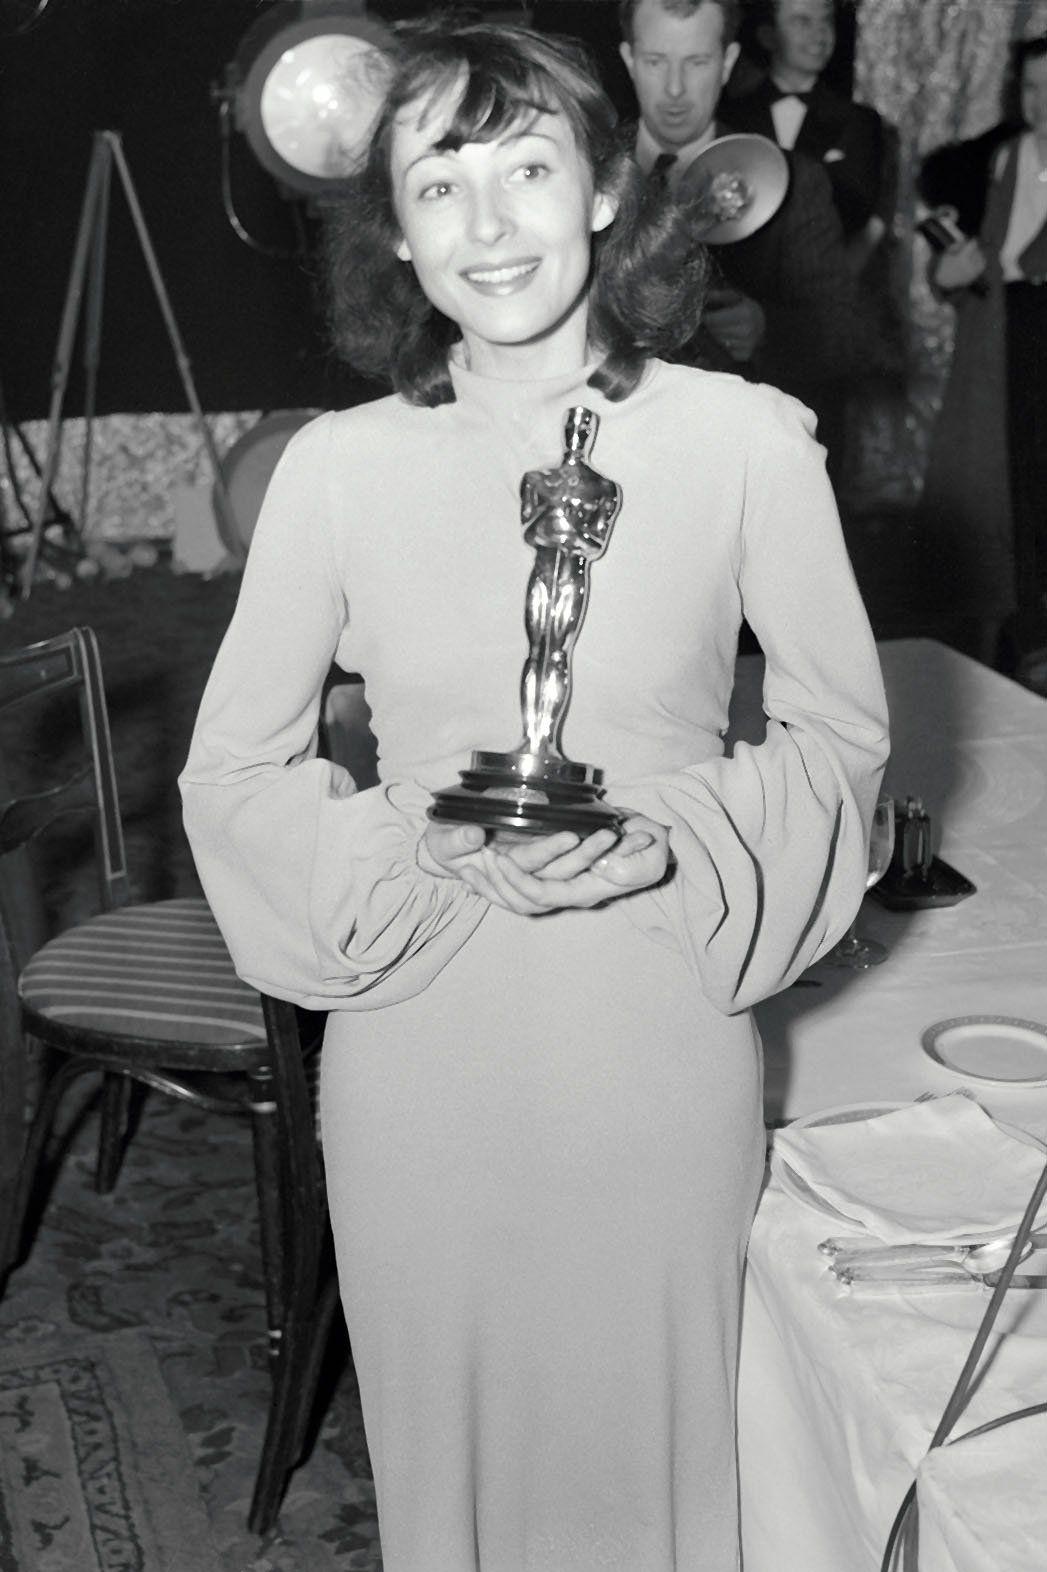 Czarno-białe zdjęcie kobiety w sukni pozującej z Oscarem